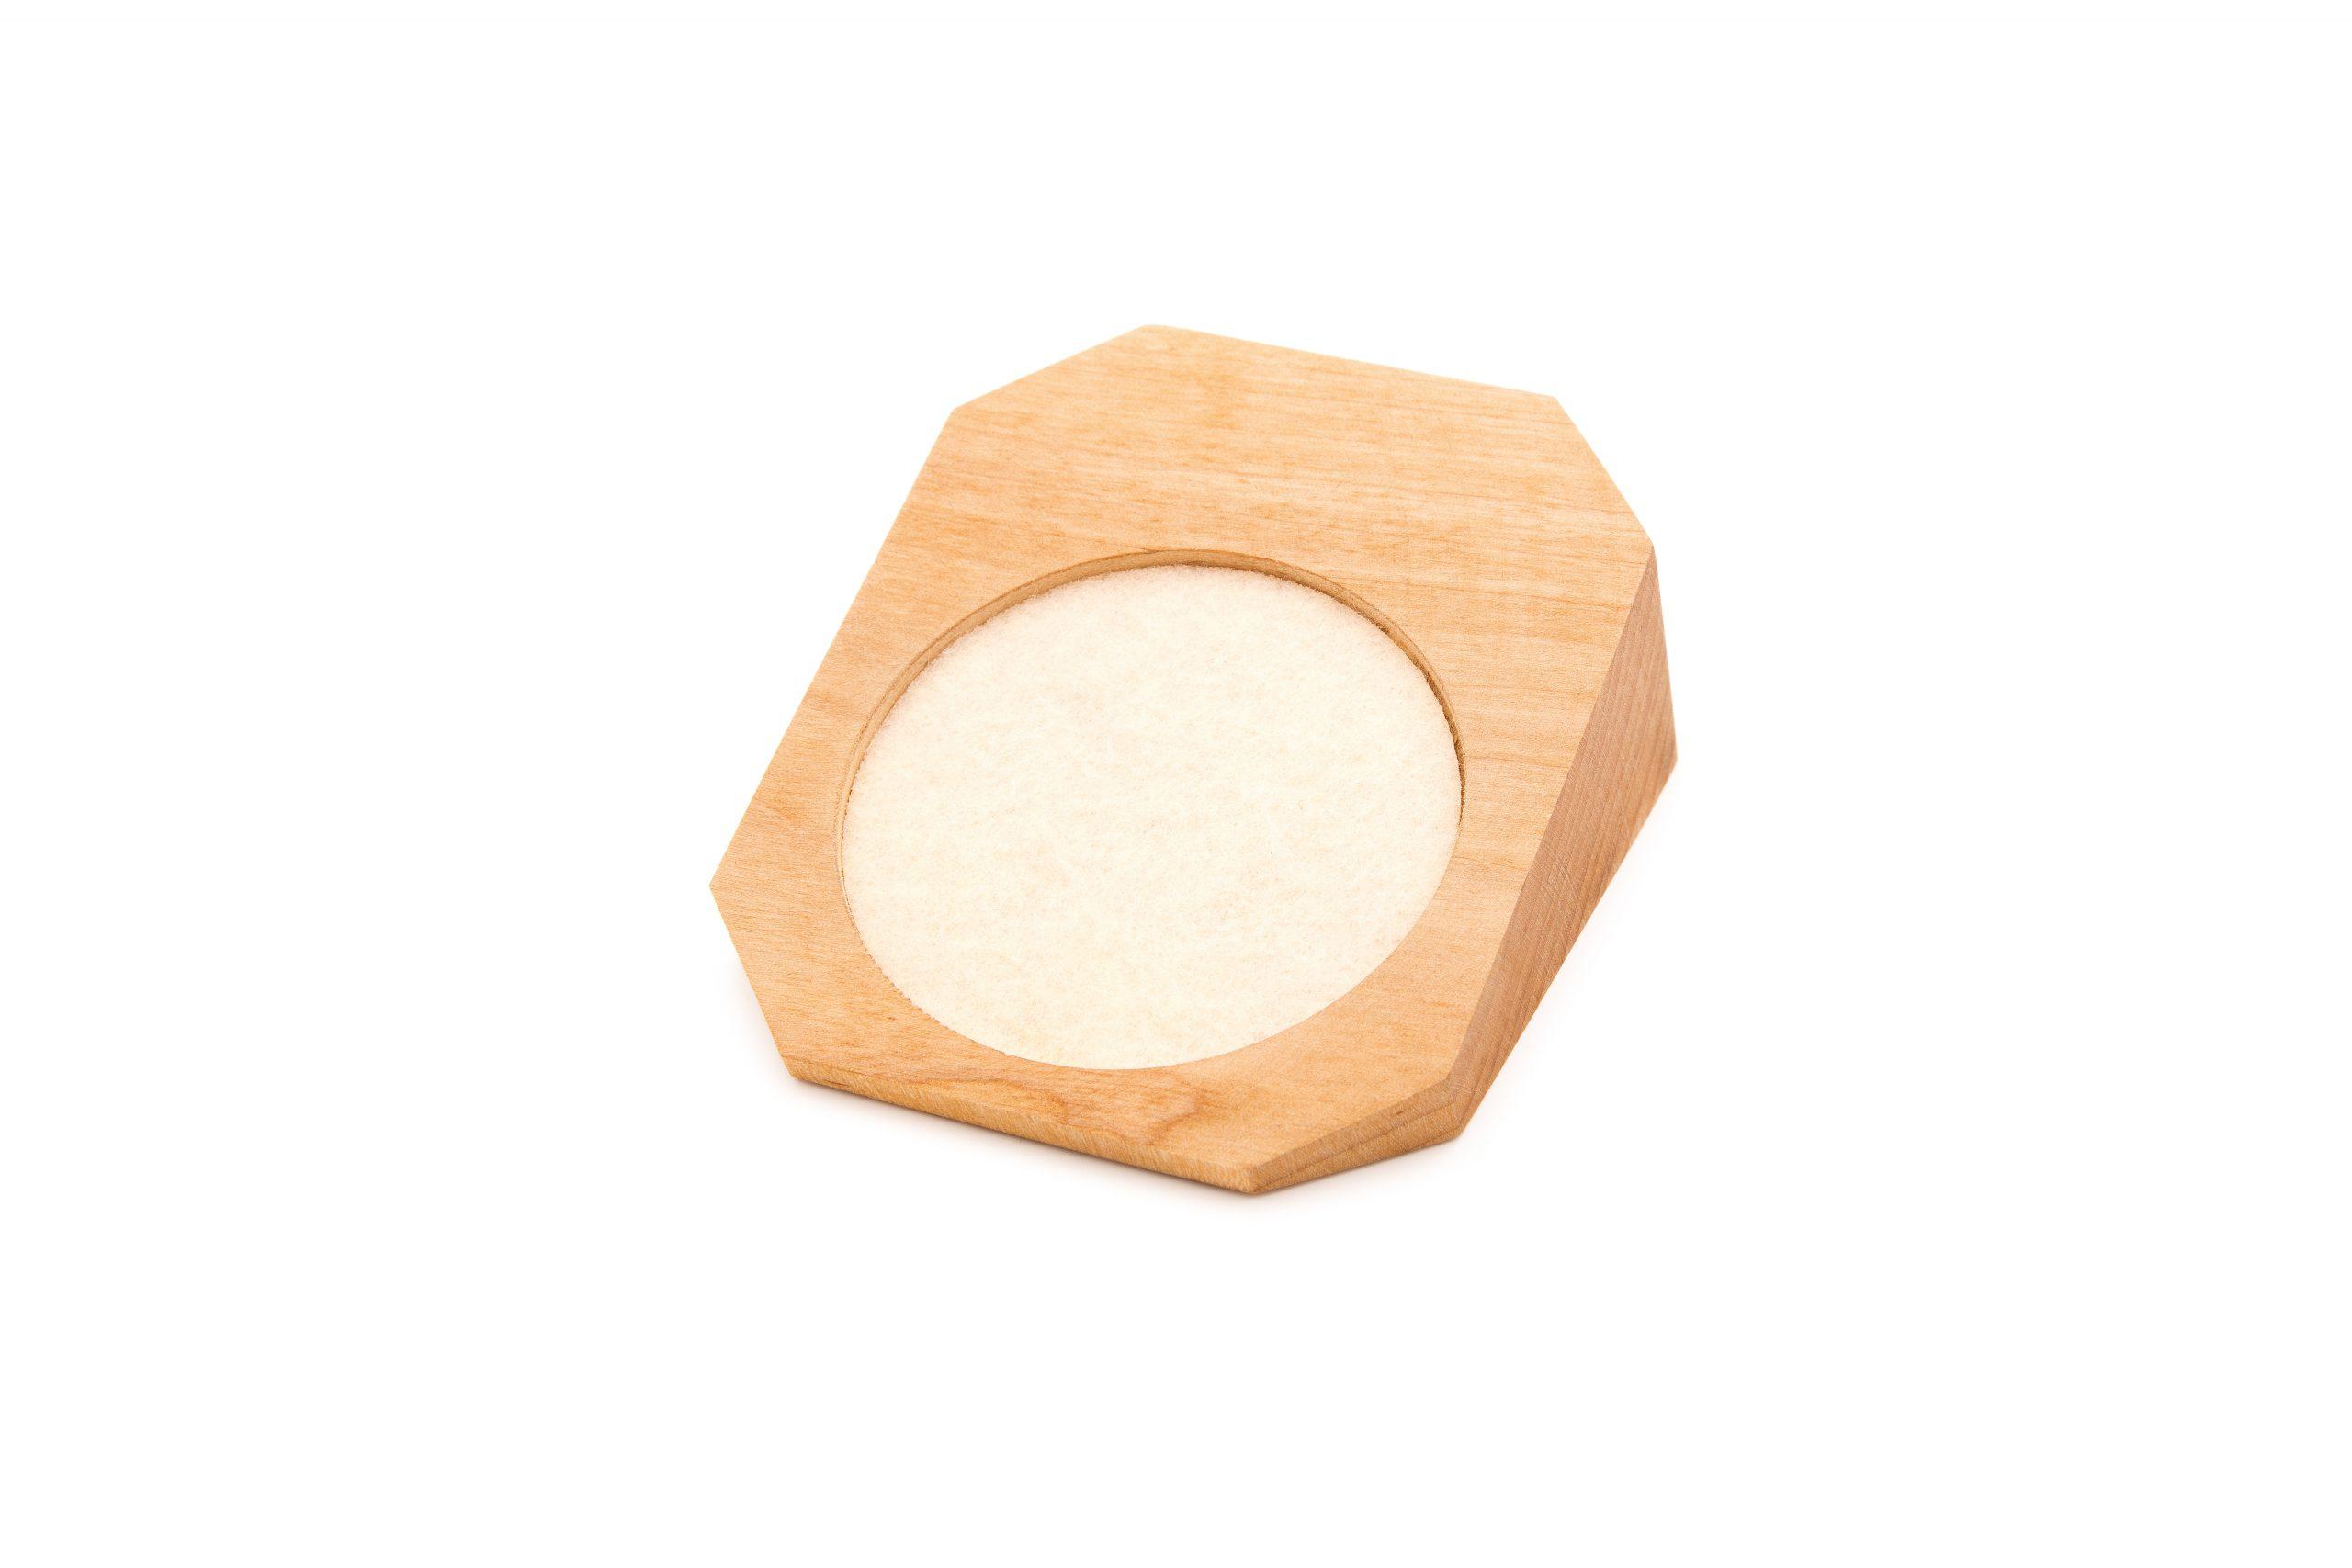 Drewniany ekspozytor 70mm